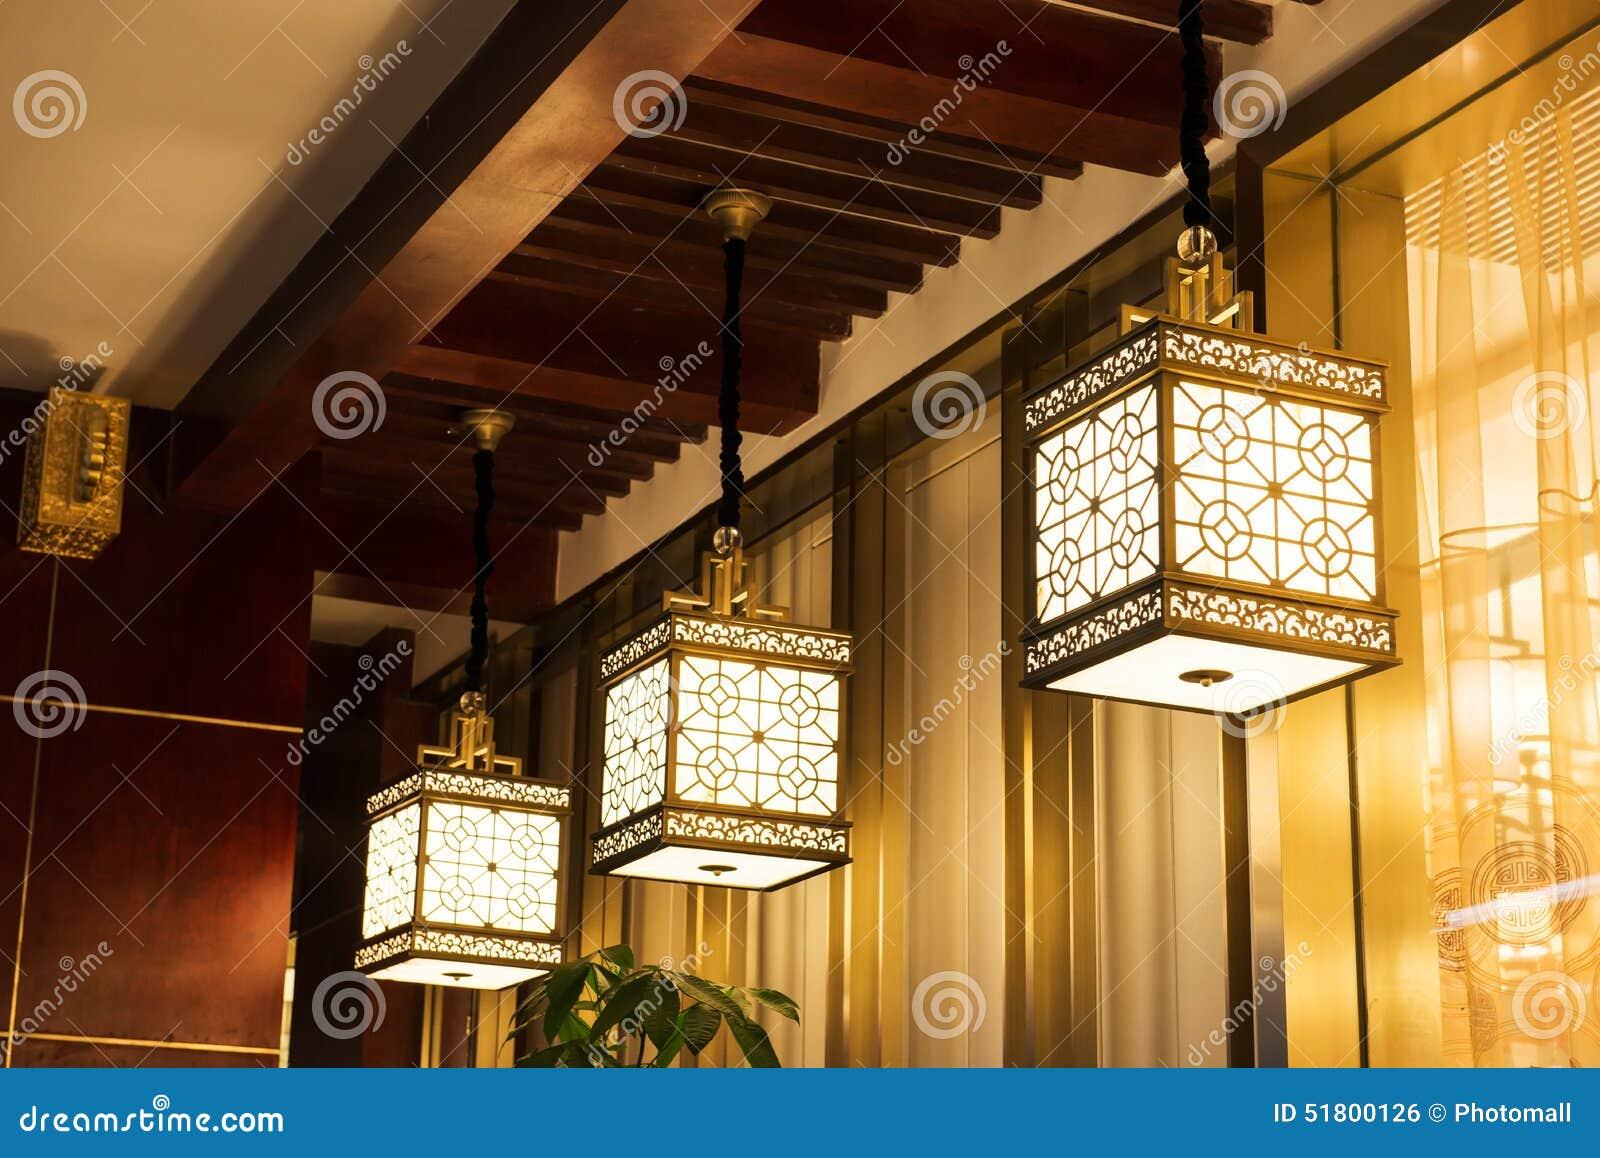 Lampen Oosterse Stijl : De oosterse lampen van de stijltegenhanger stock foto afbeelding